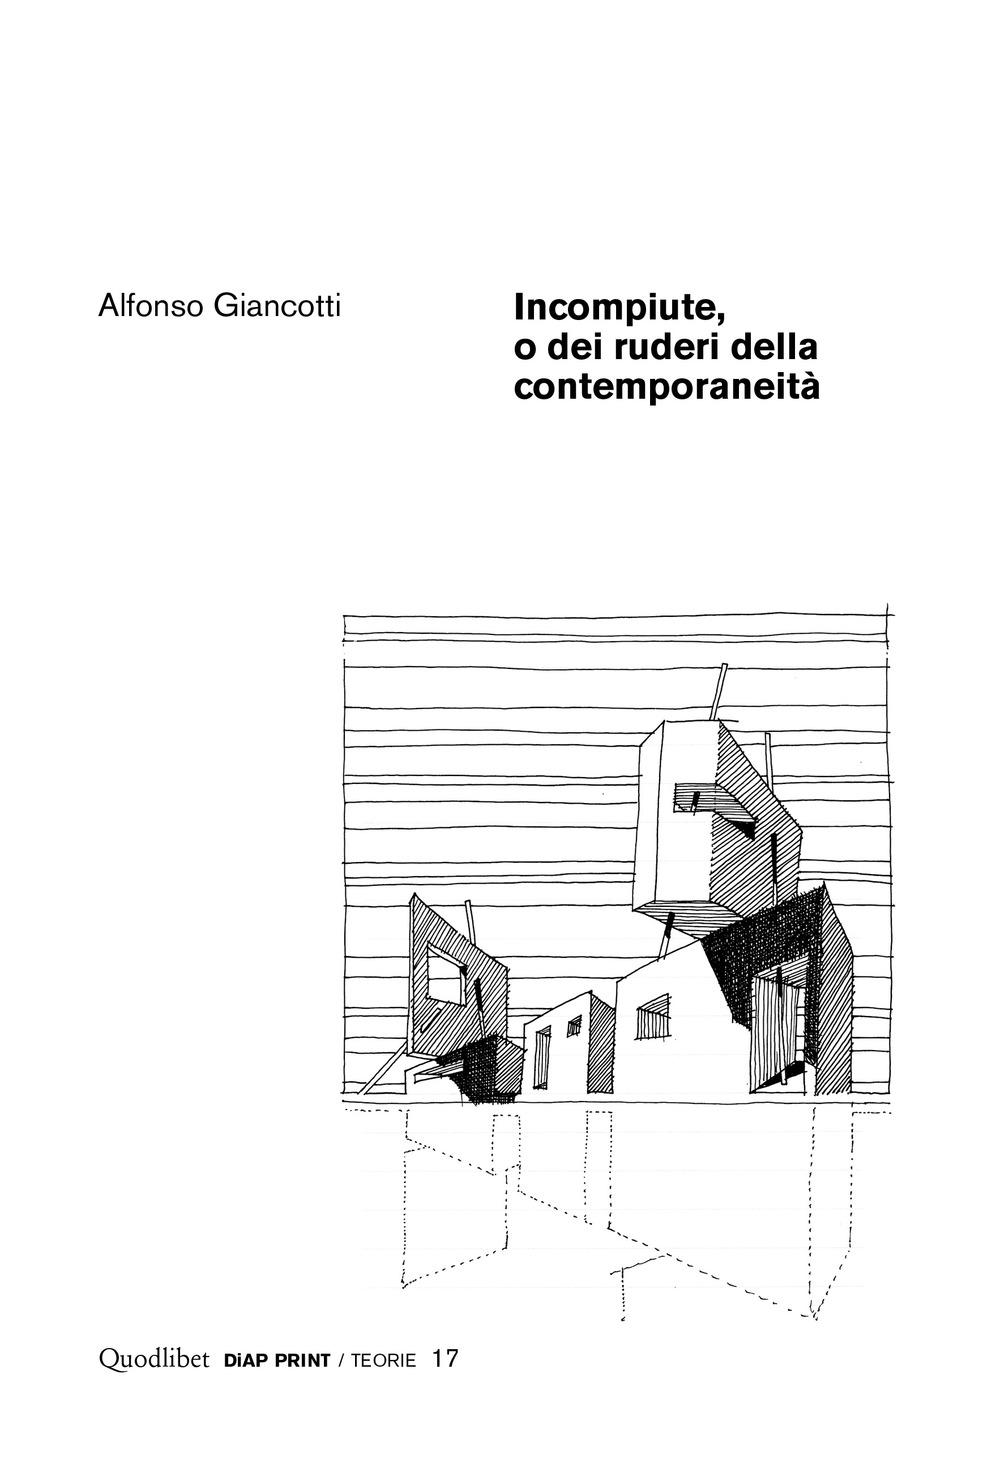 INCOMPIUTE, O DEI RUDERI DELLA CONTEMPORANEITÀ - 9788822902610